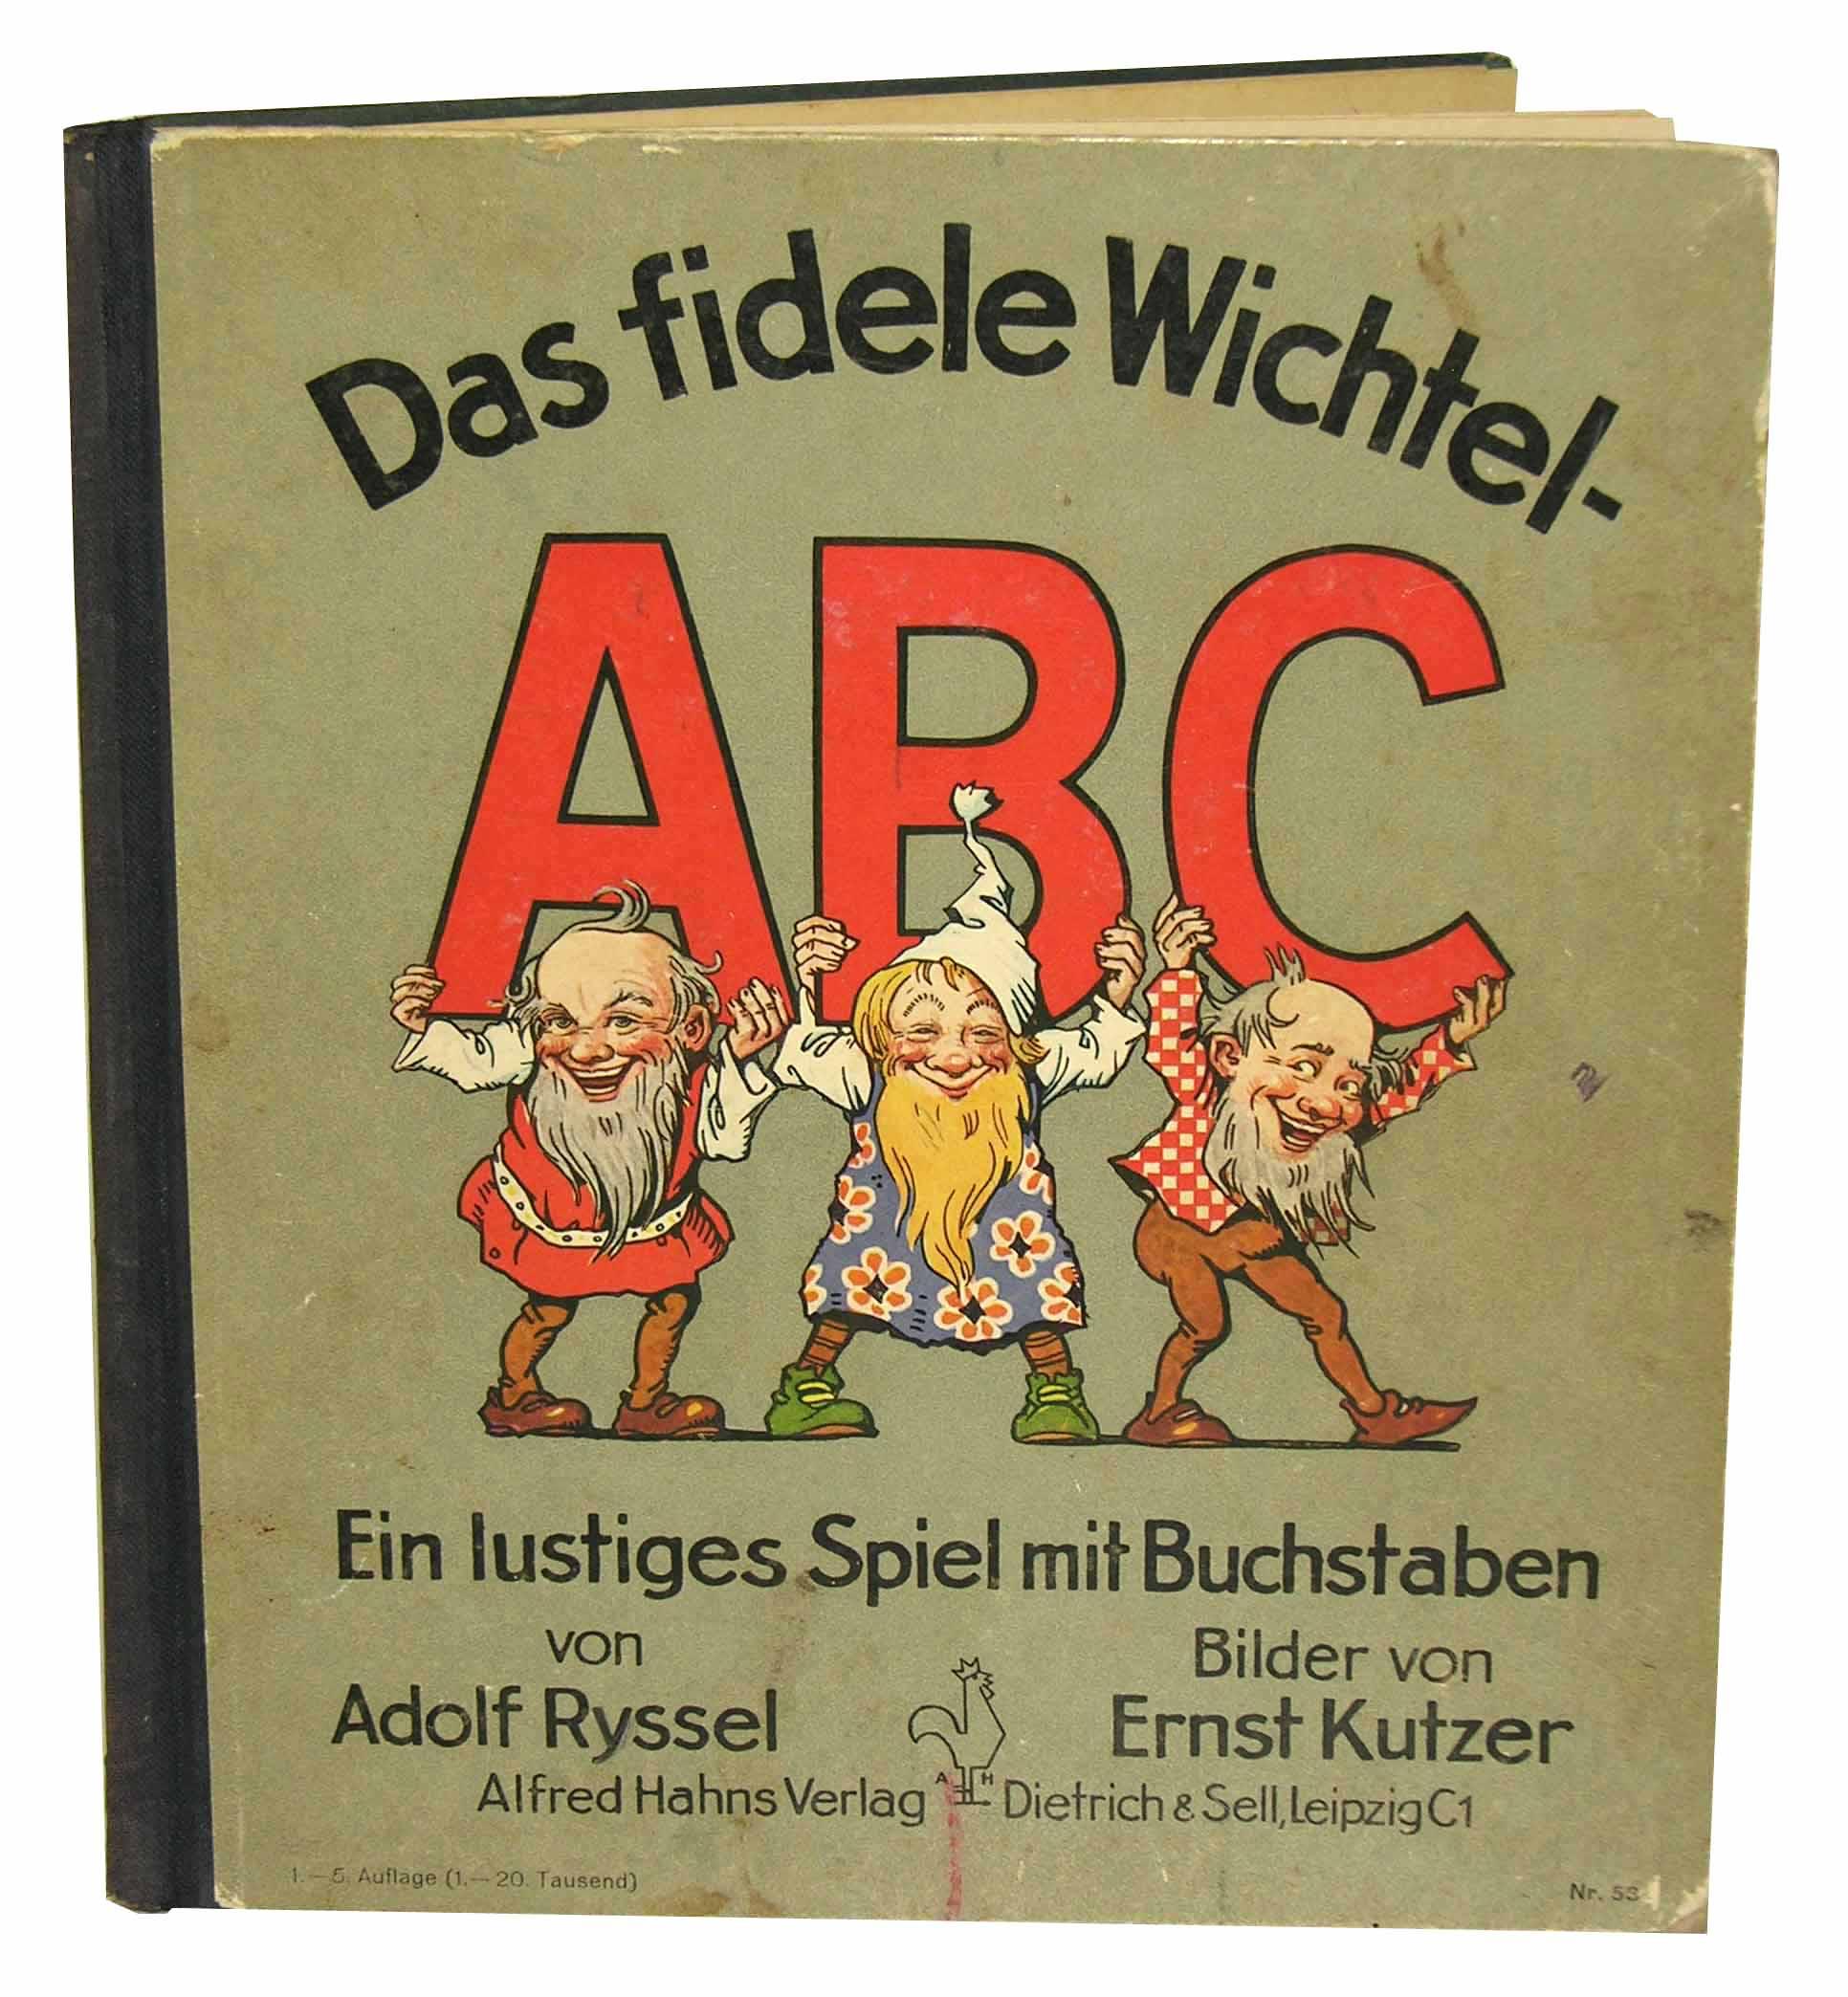 Das fidele Wichtel ABC. Ein lustiges Spiel ...